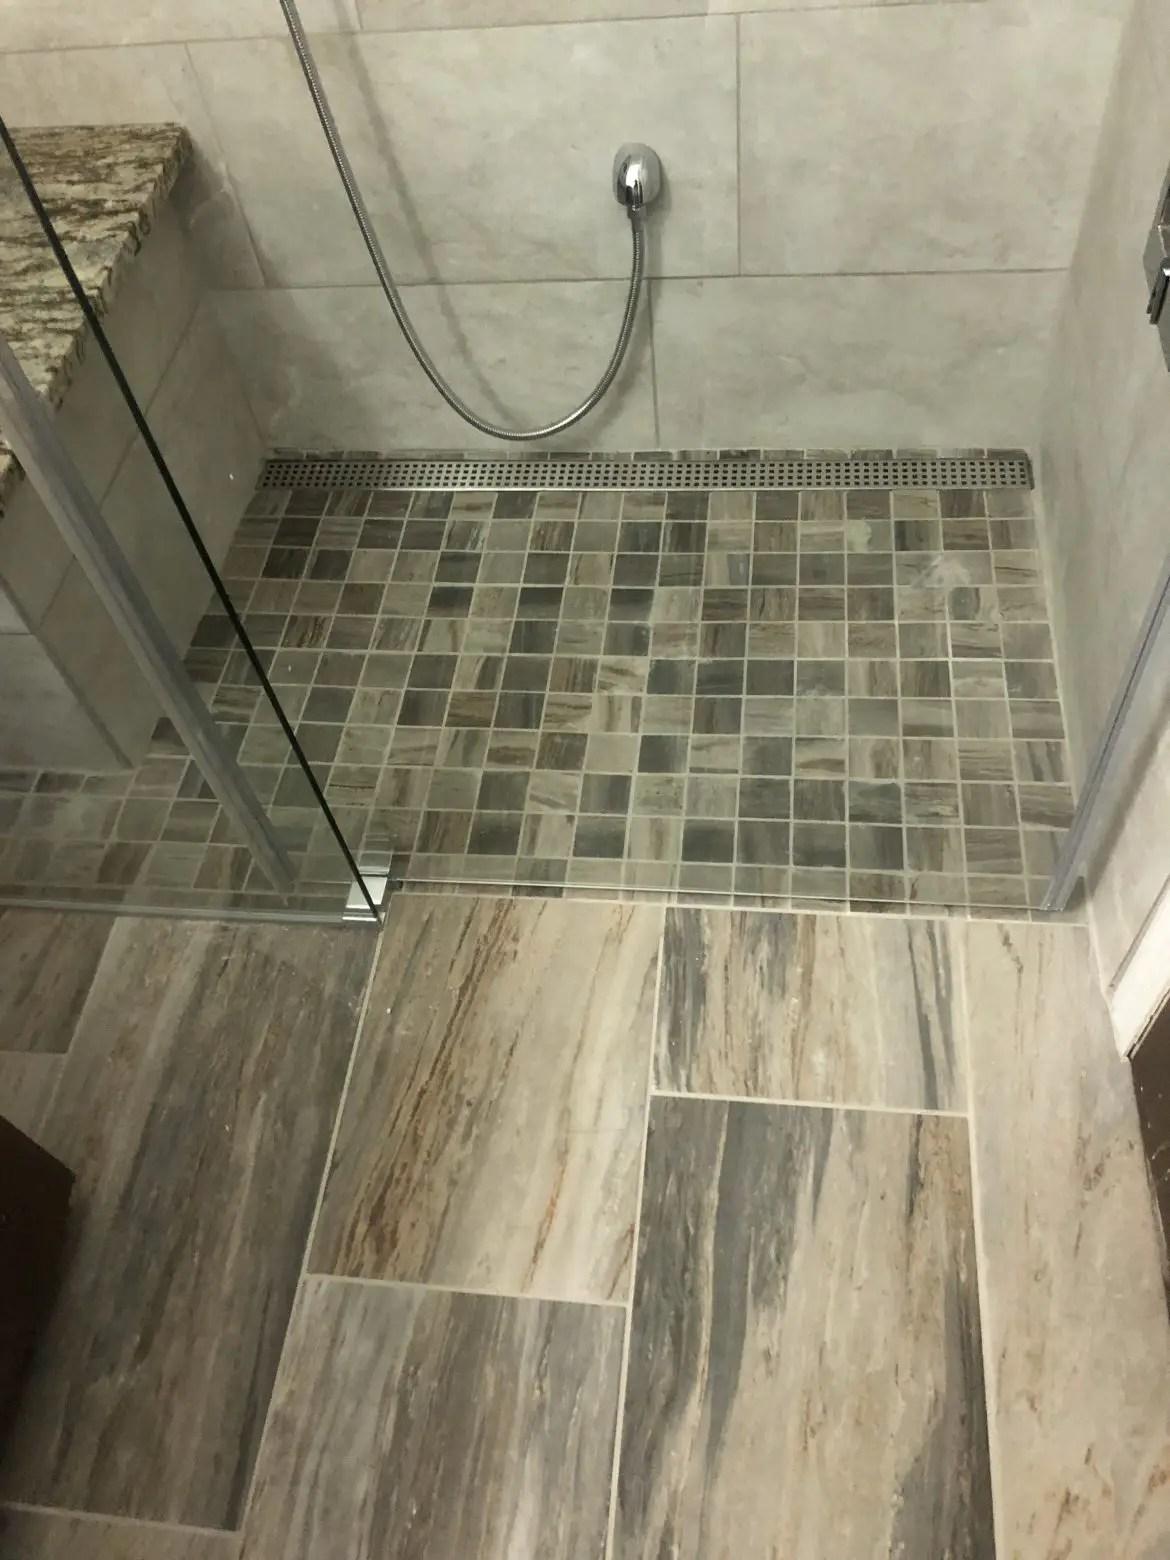 Perdido Key Fla ADA Bathroom Luxury